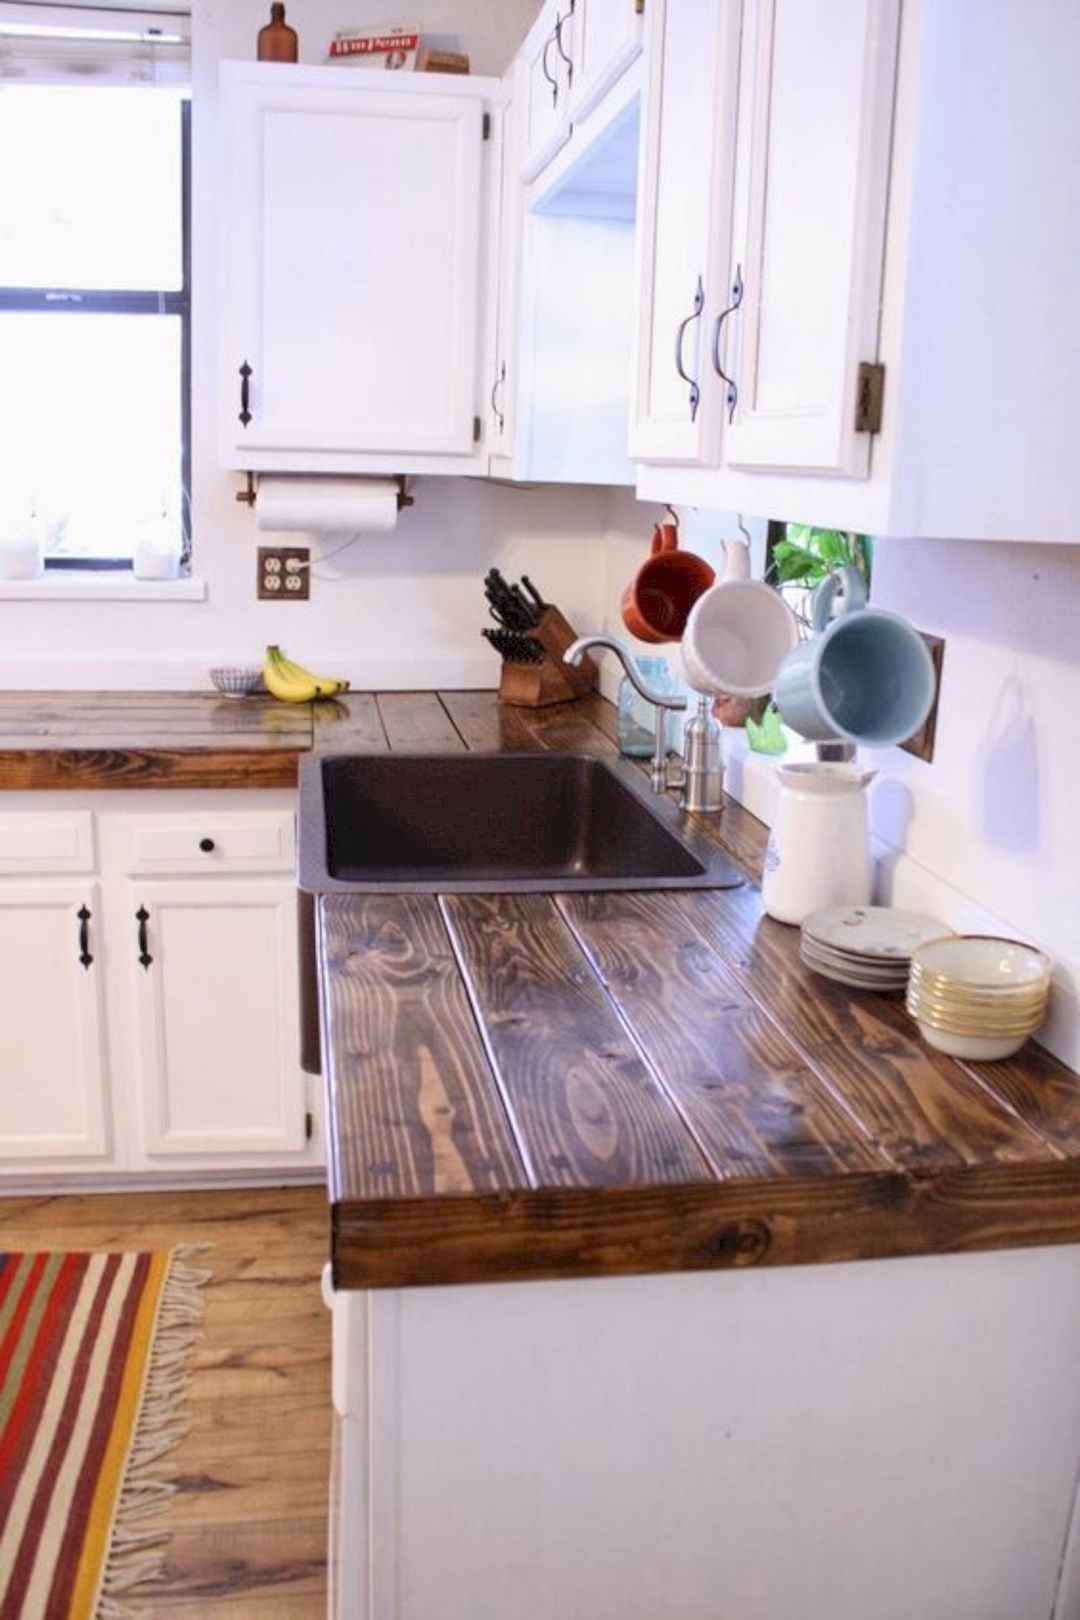 16 Best Cheap Furniture Ideas | Outdoor kitchen ...